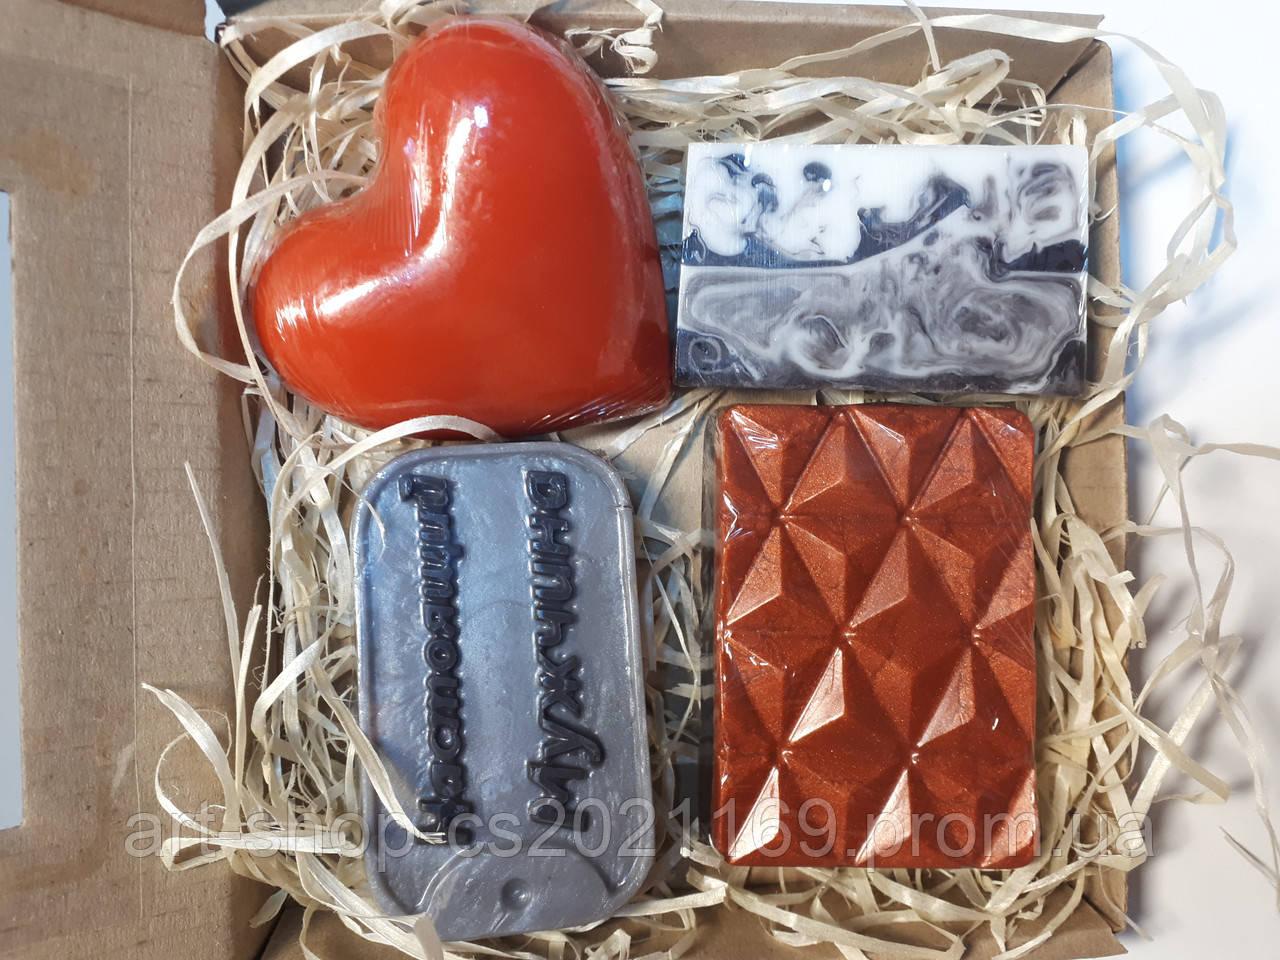 Мужской подарочный набор натурального мыла